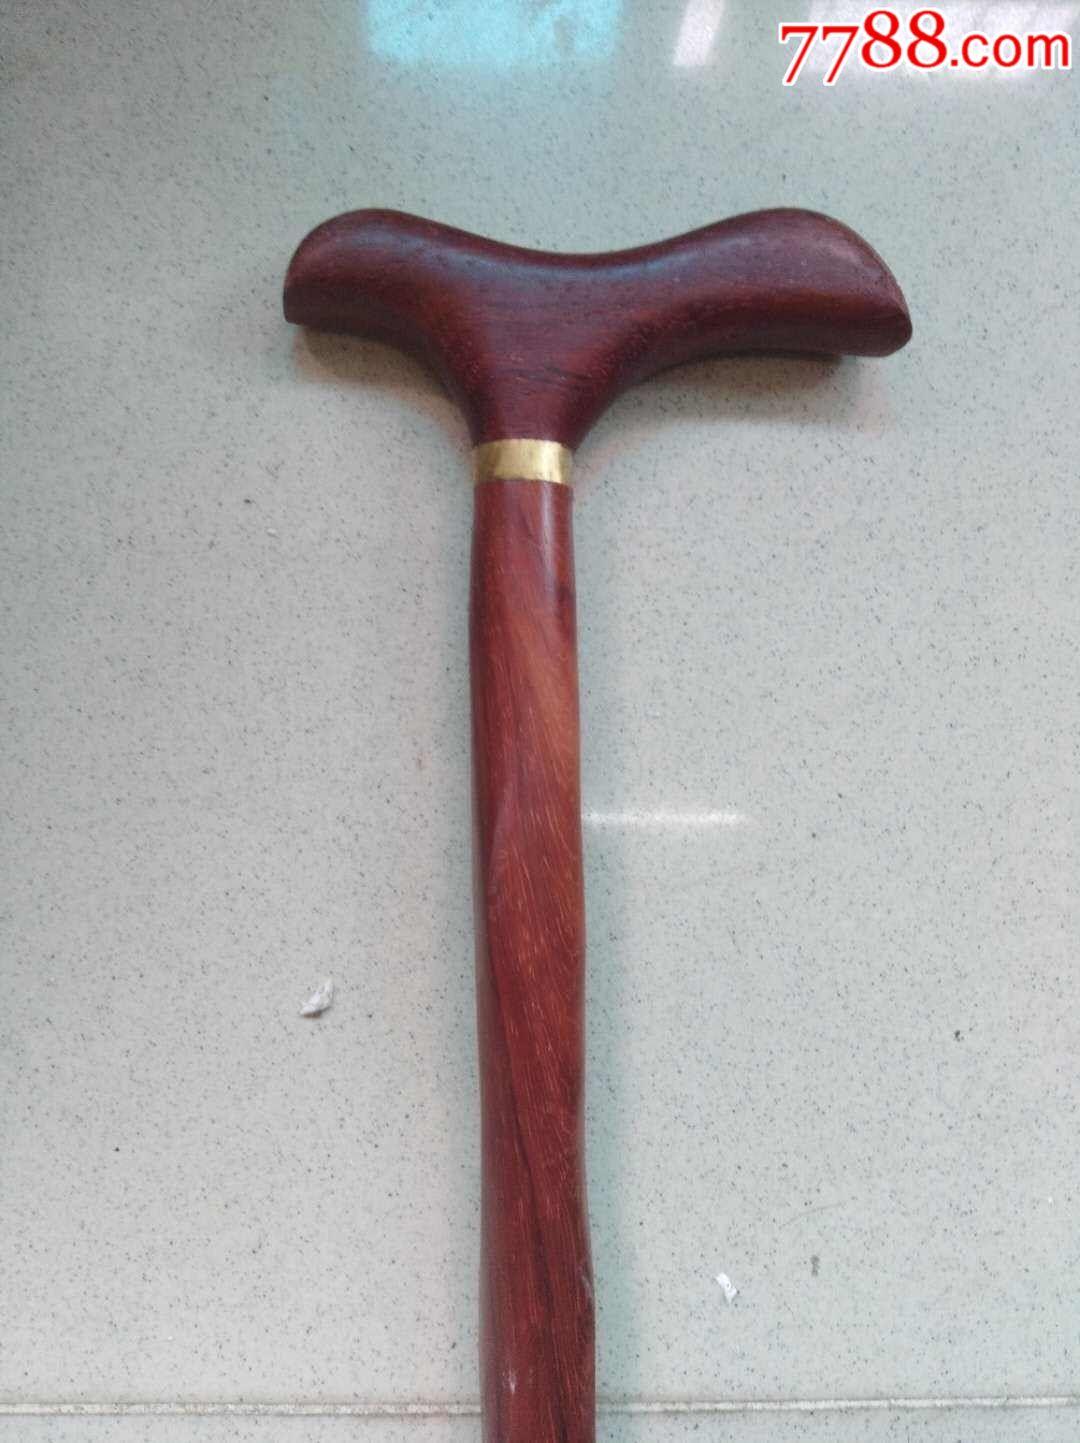 超大型花梨木木雕拐杖�L87厘米_�r格18元_第2��_